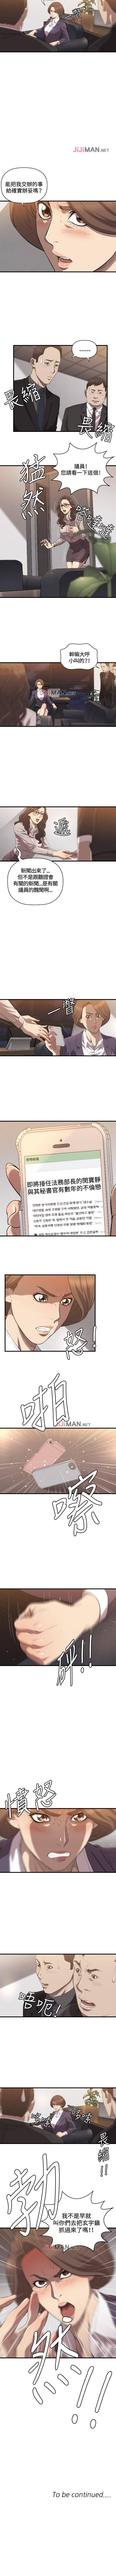 【已完结】索多玛俱乐部(作者:何藝媛&庫奈尼) 第1~32话 97